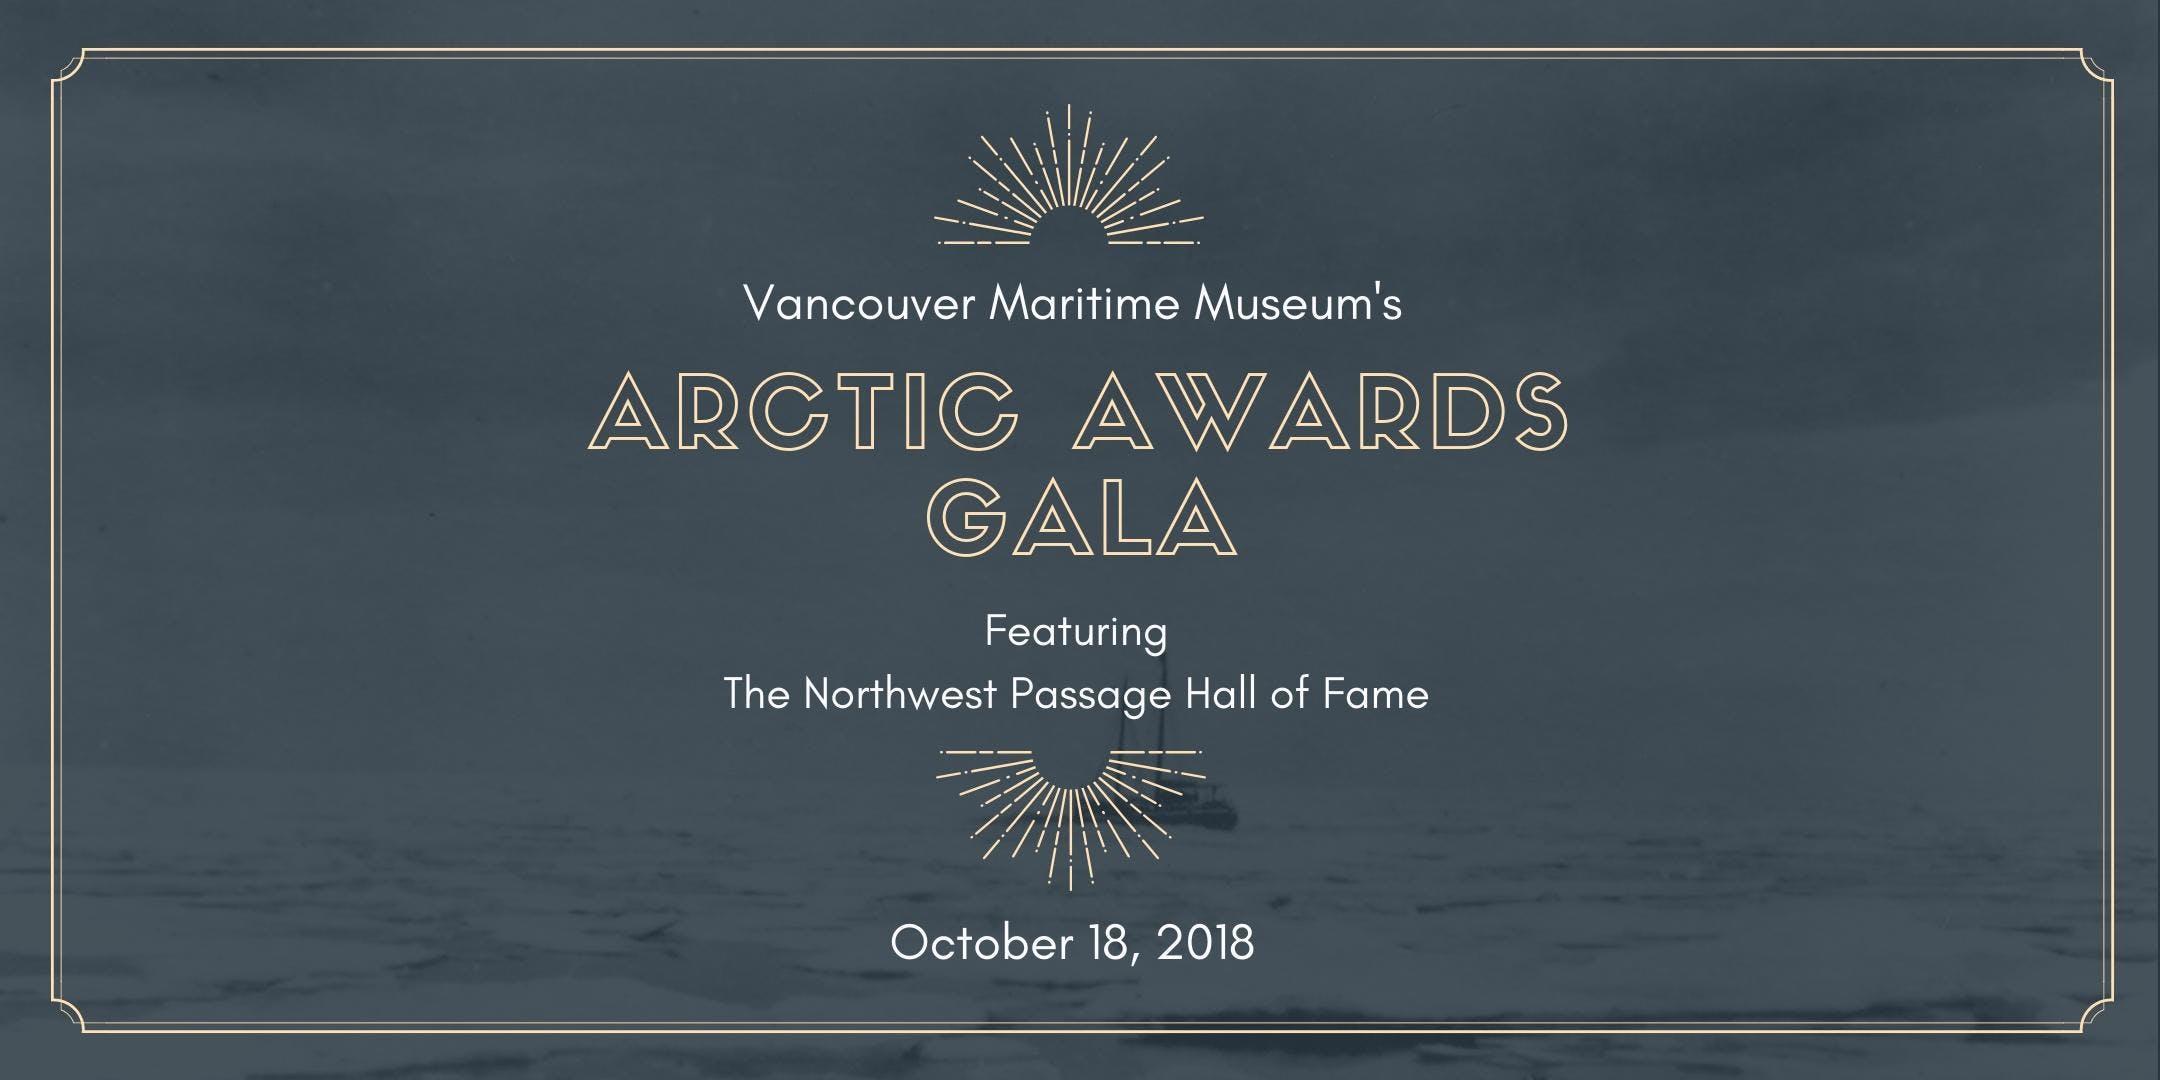 Arctic Awards Gala